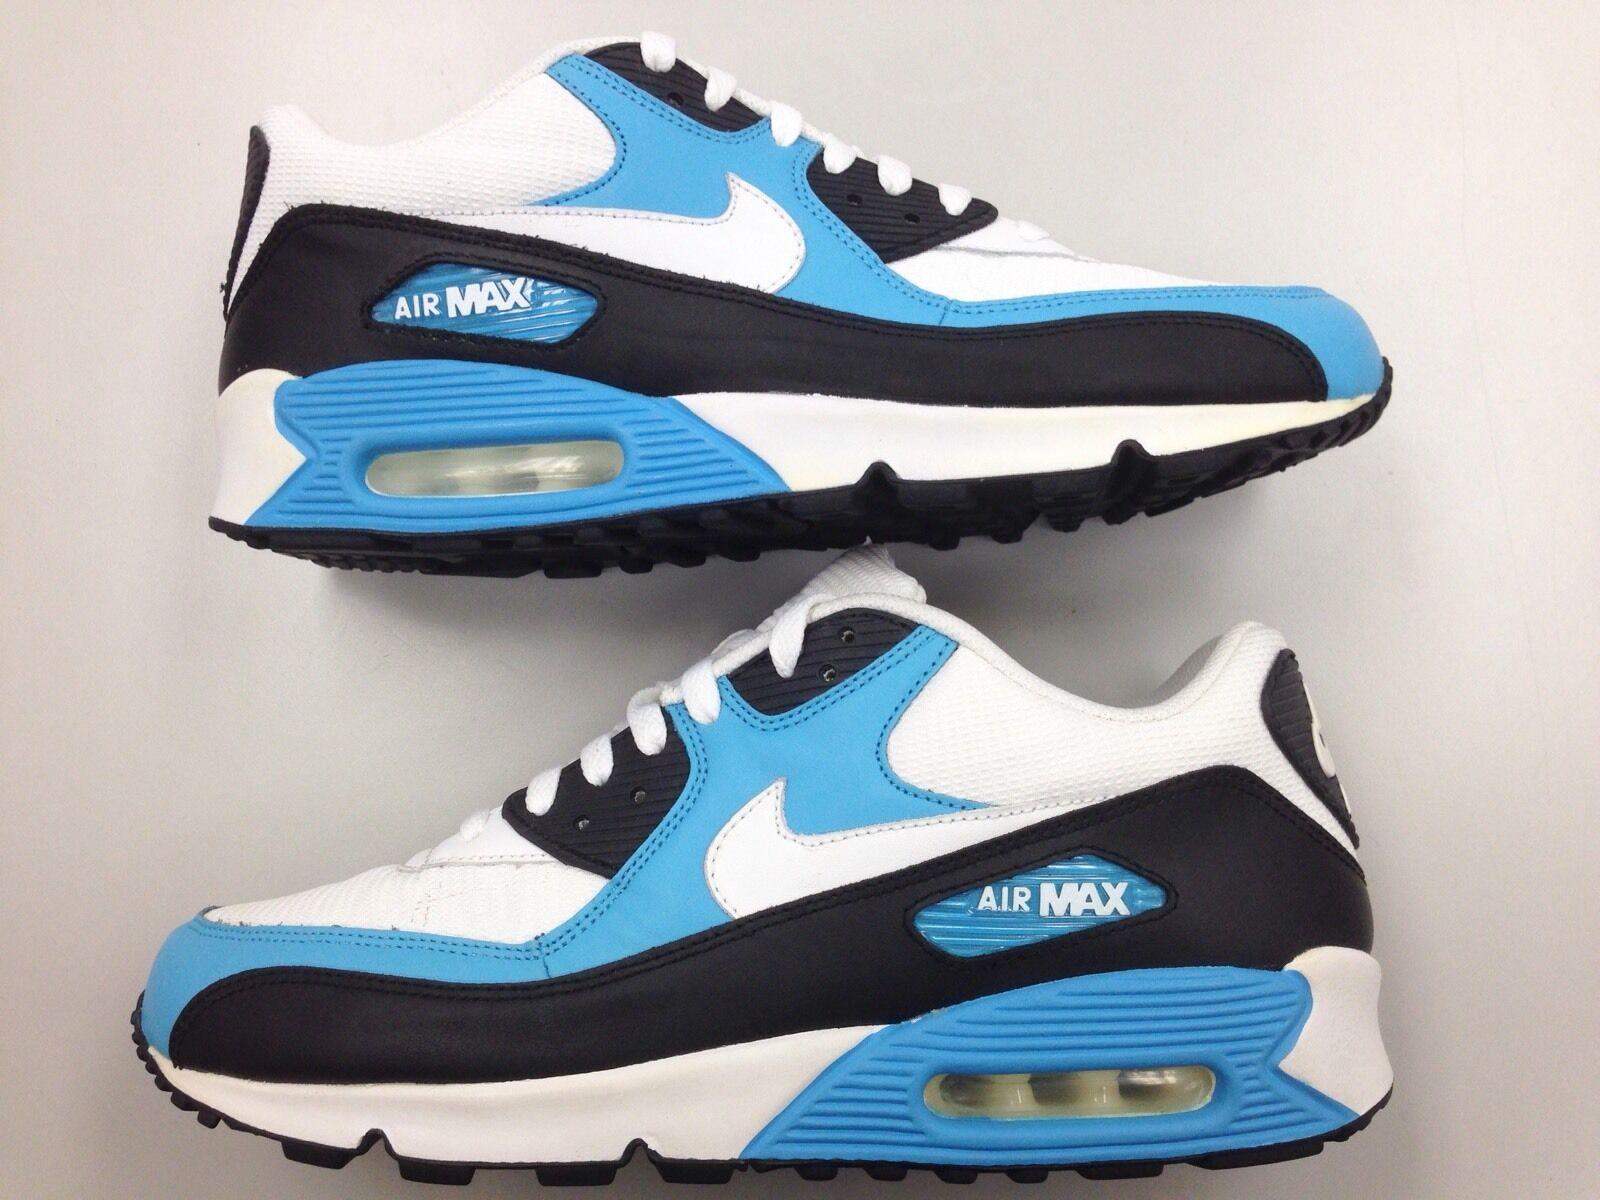 f64f973c68 hot sale 2007 DS Nike Air Max 90 OG Vivid Blue Vtg Men Shoes Size 11 ...